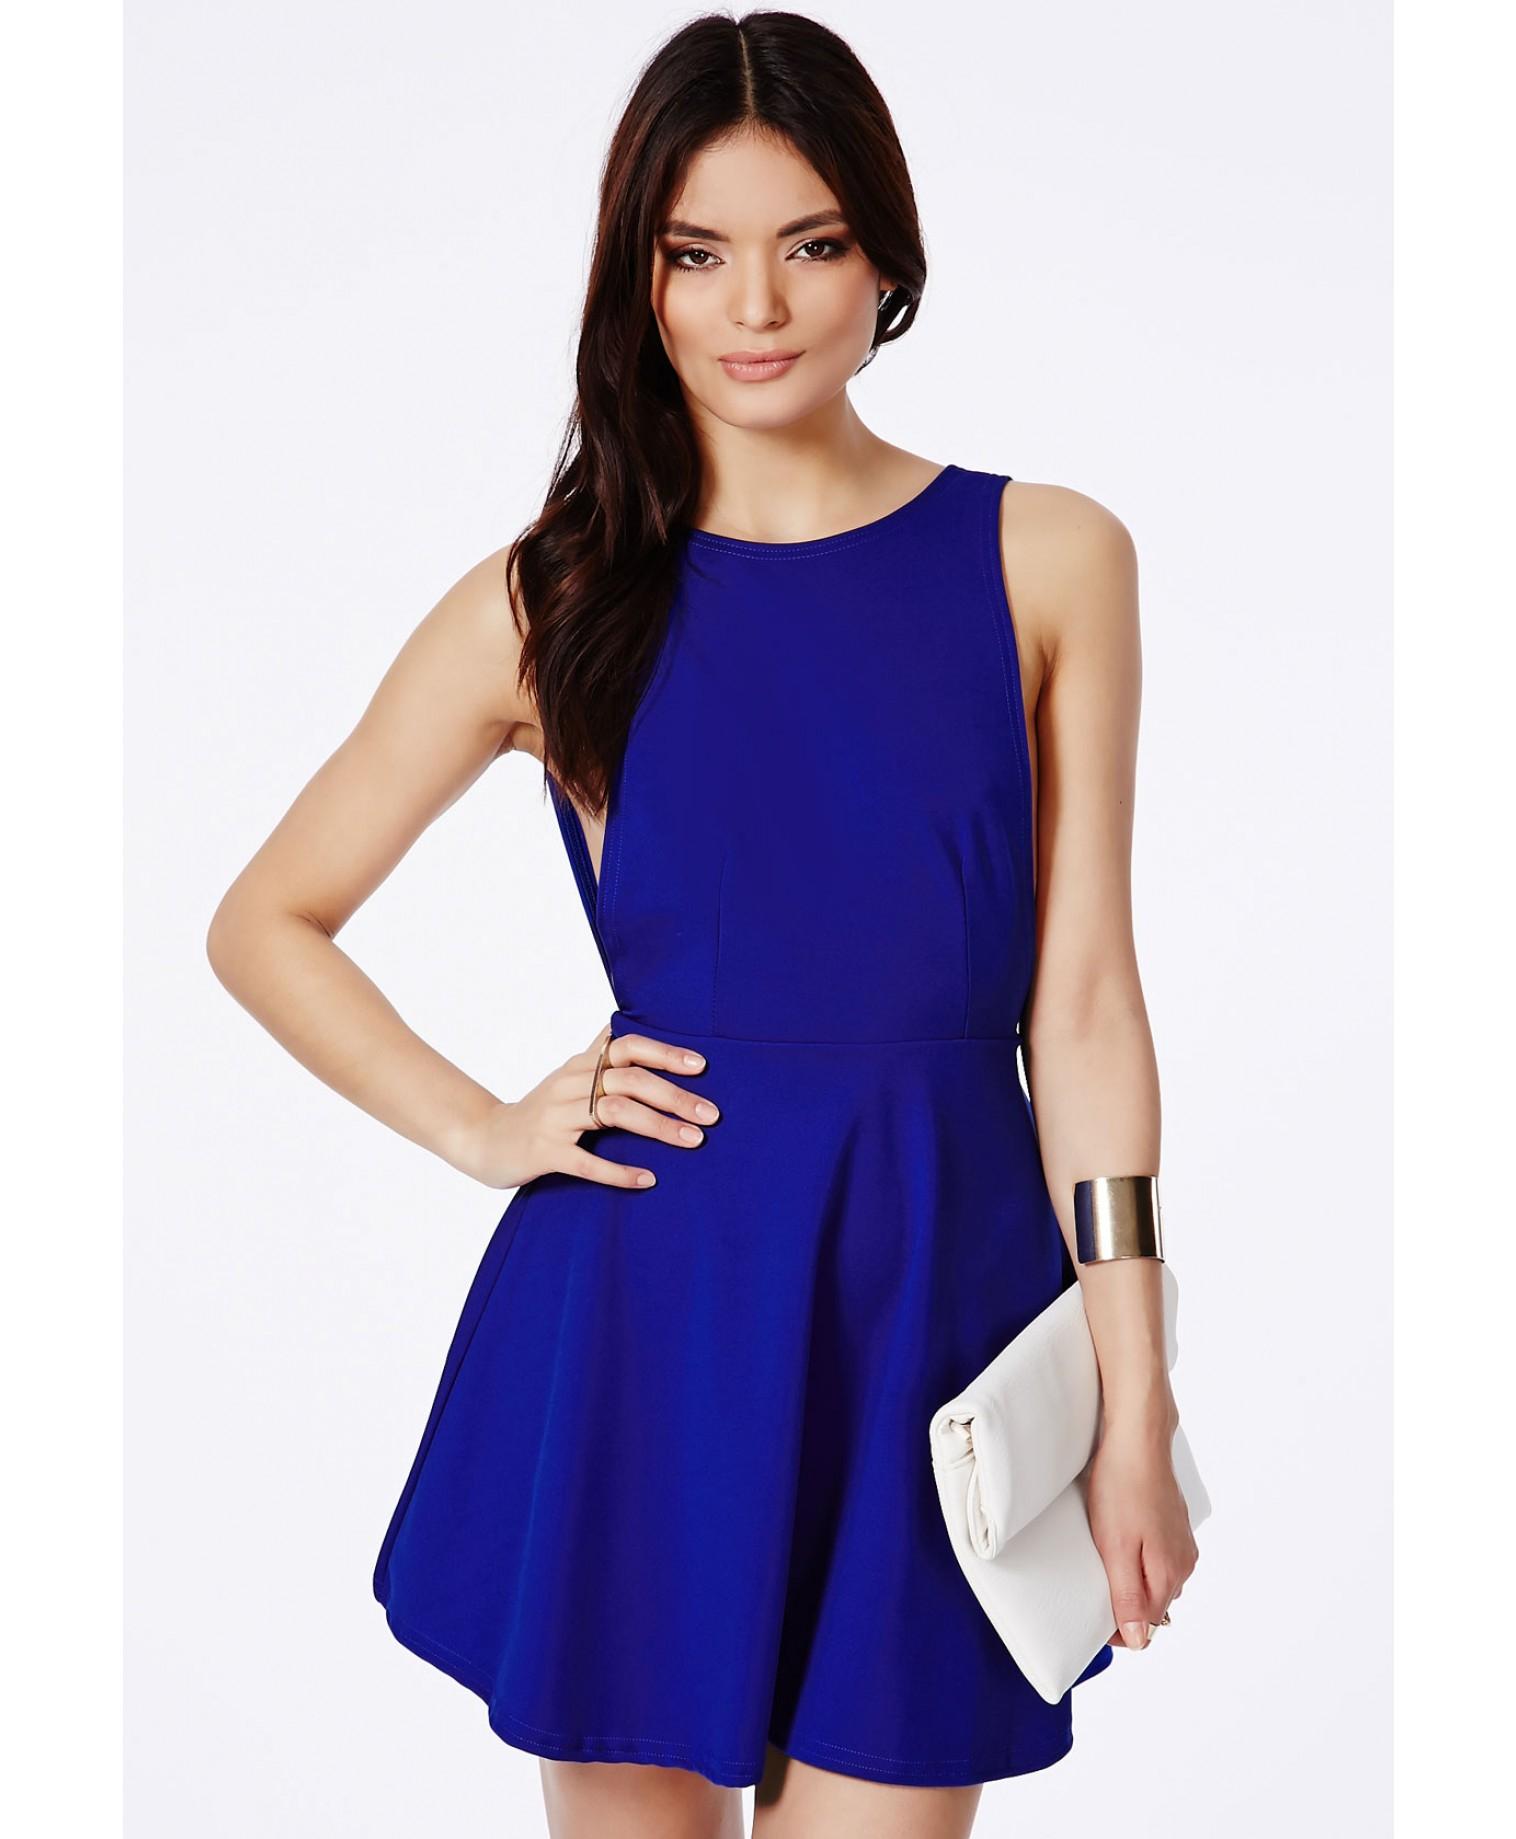 Missguided Marenna Backless Skater Dress In Cobalt Blue in ...